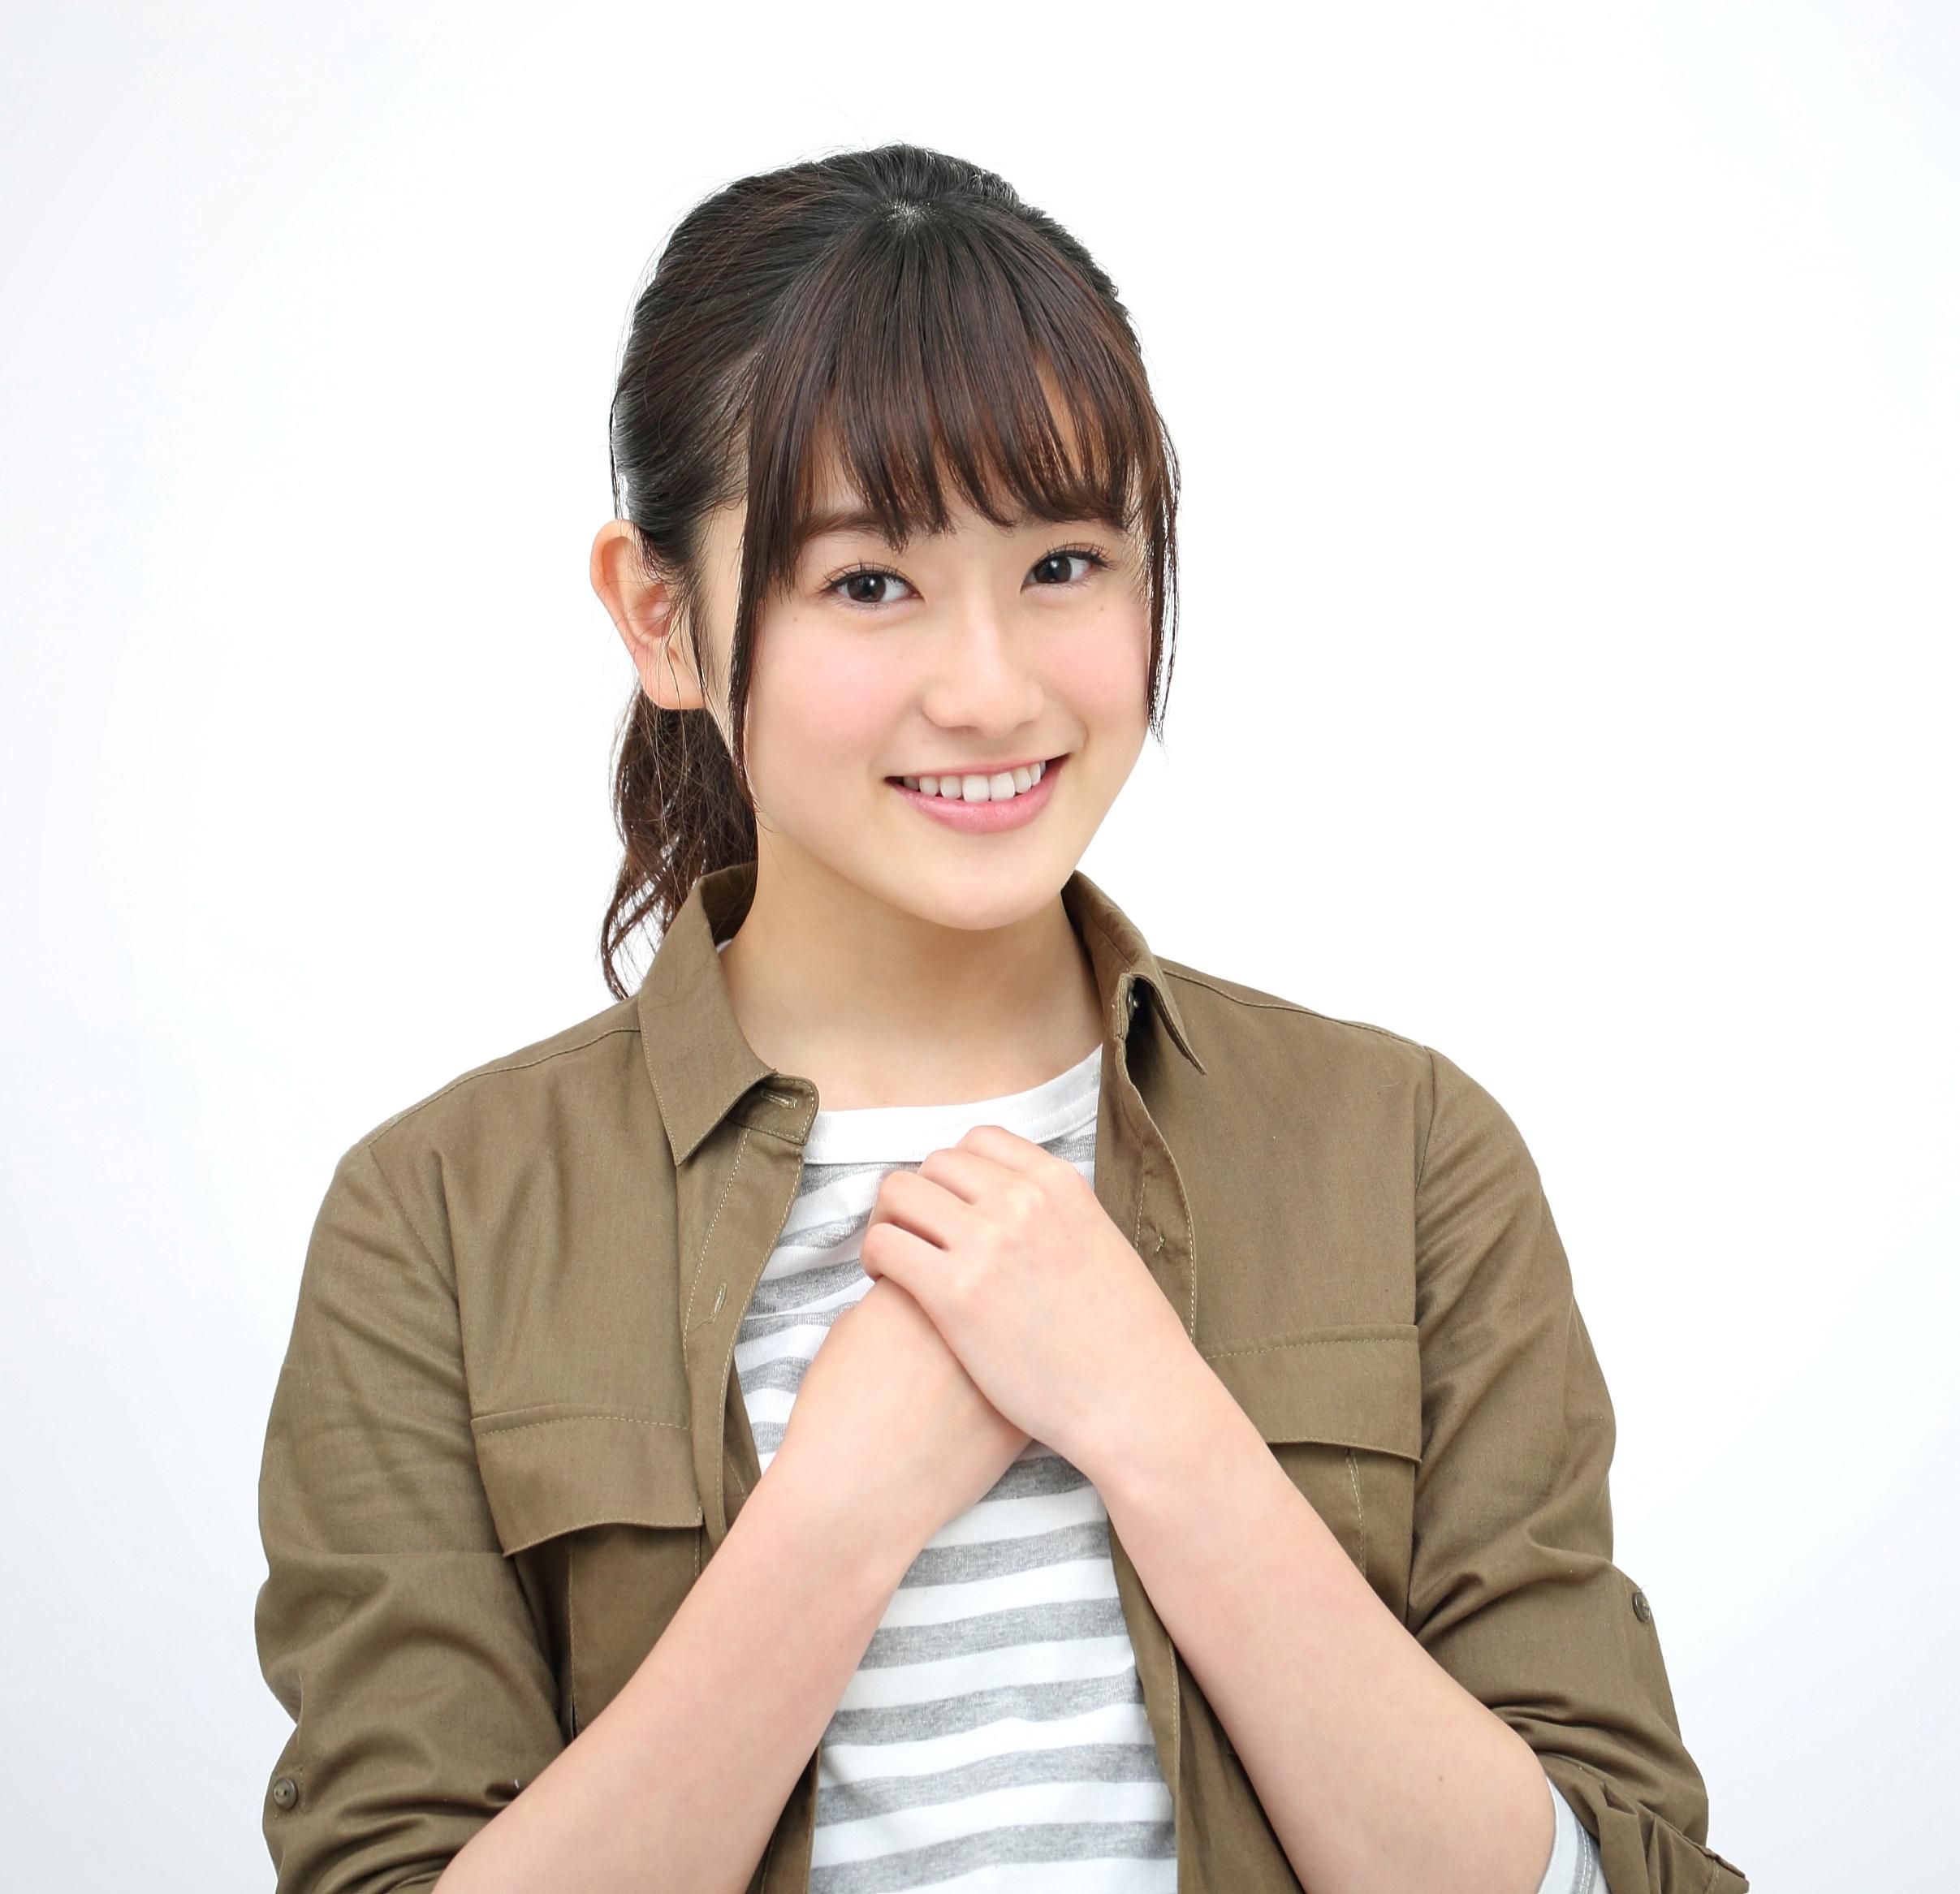 欅坂46メンバーが語る!「なんでもBEST3」<br />第14回 守屋 茜さんの『(もし男性だったら)デートしたいメンバーBEST3』